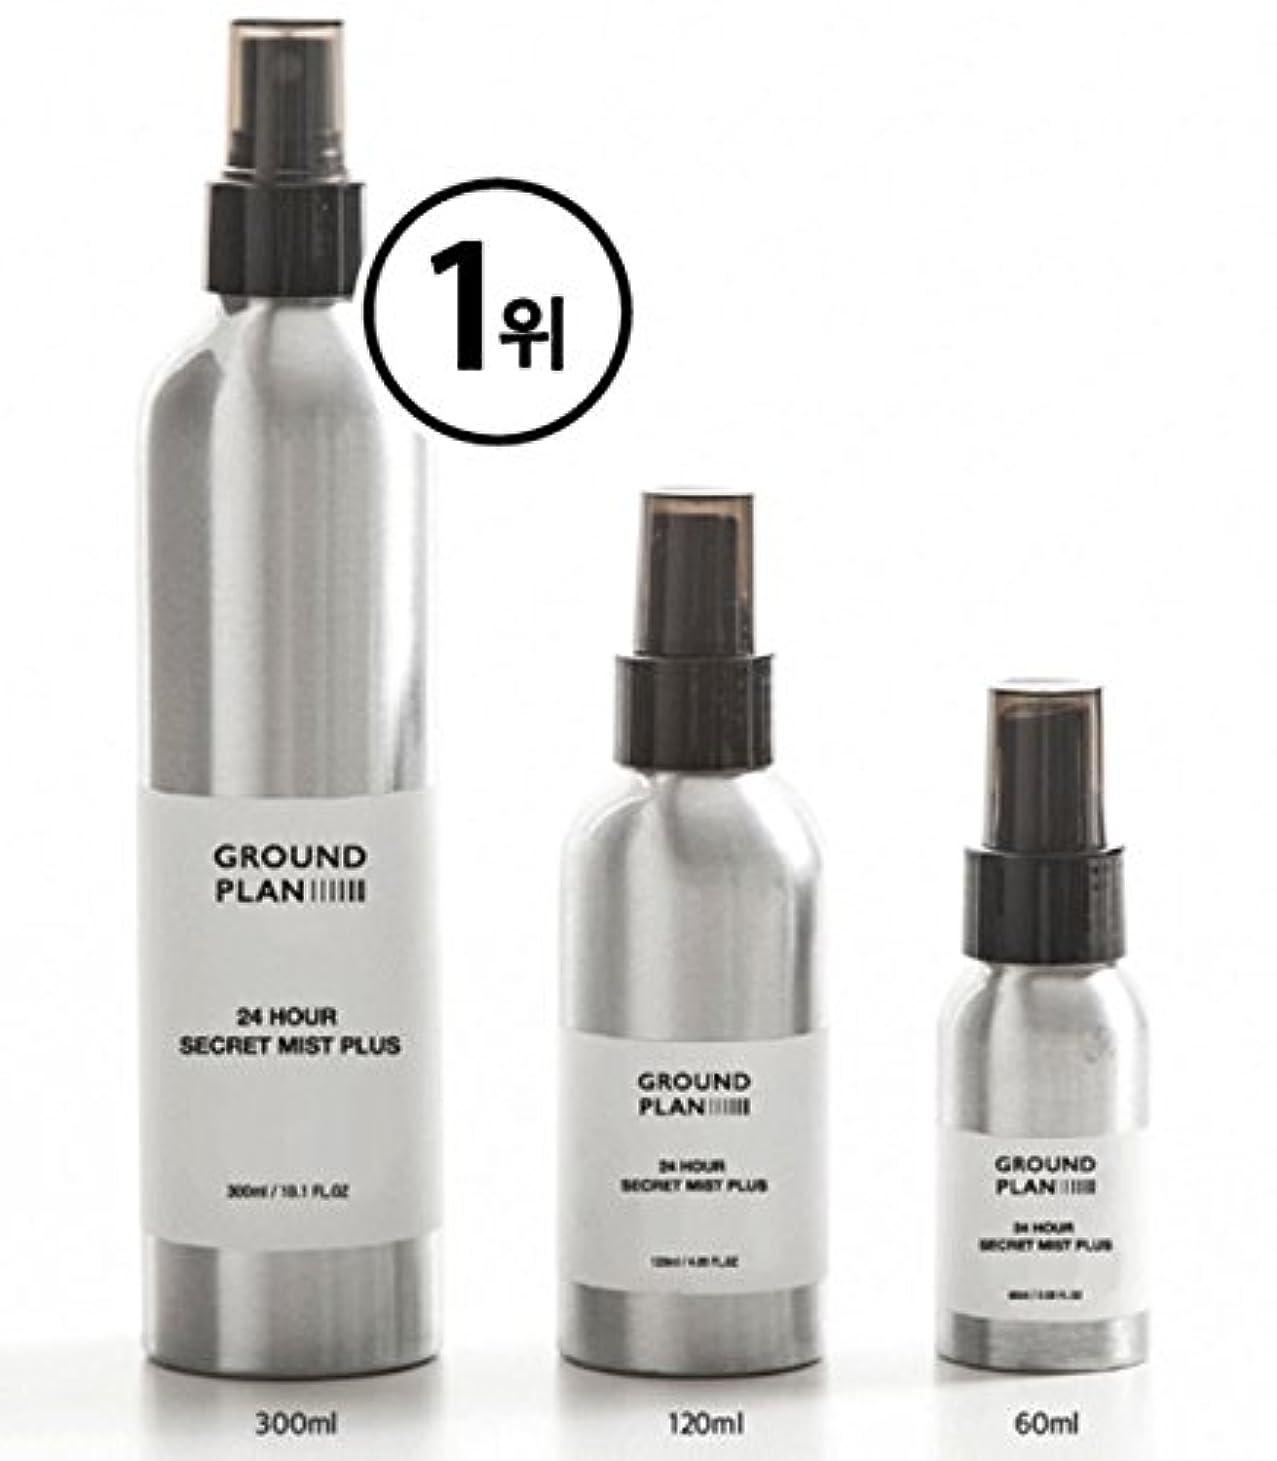 調和タックルバーベキュー[グラウンド?プラン] 24Hour 秘密 スキンミスト Plus (120ml) (300ml) Ground plan 24 Hour Secret Skin Mist Plus [海外直送品] (300ml)